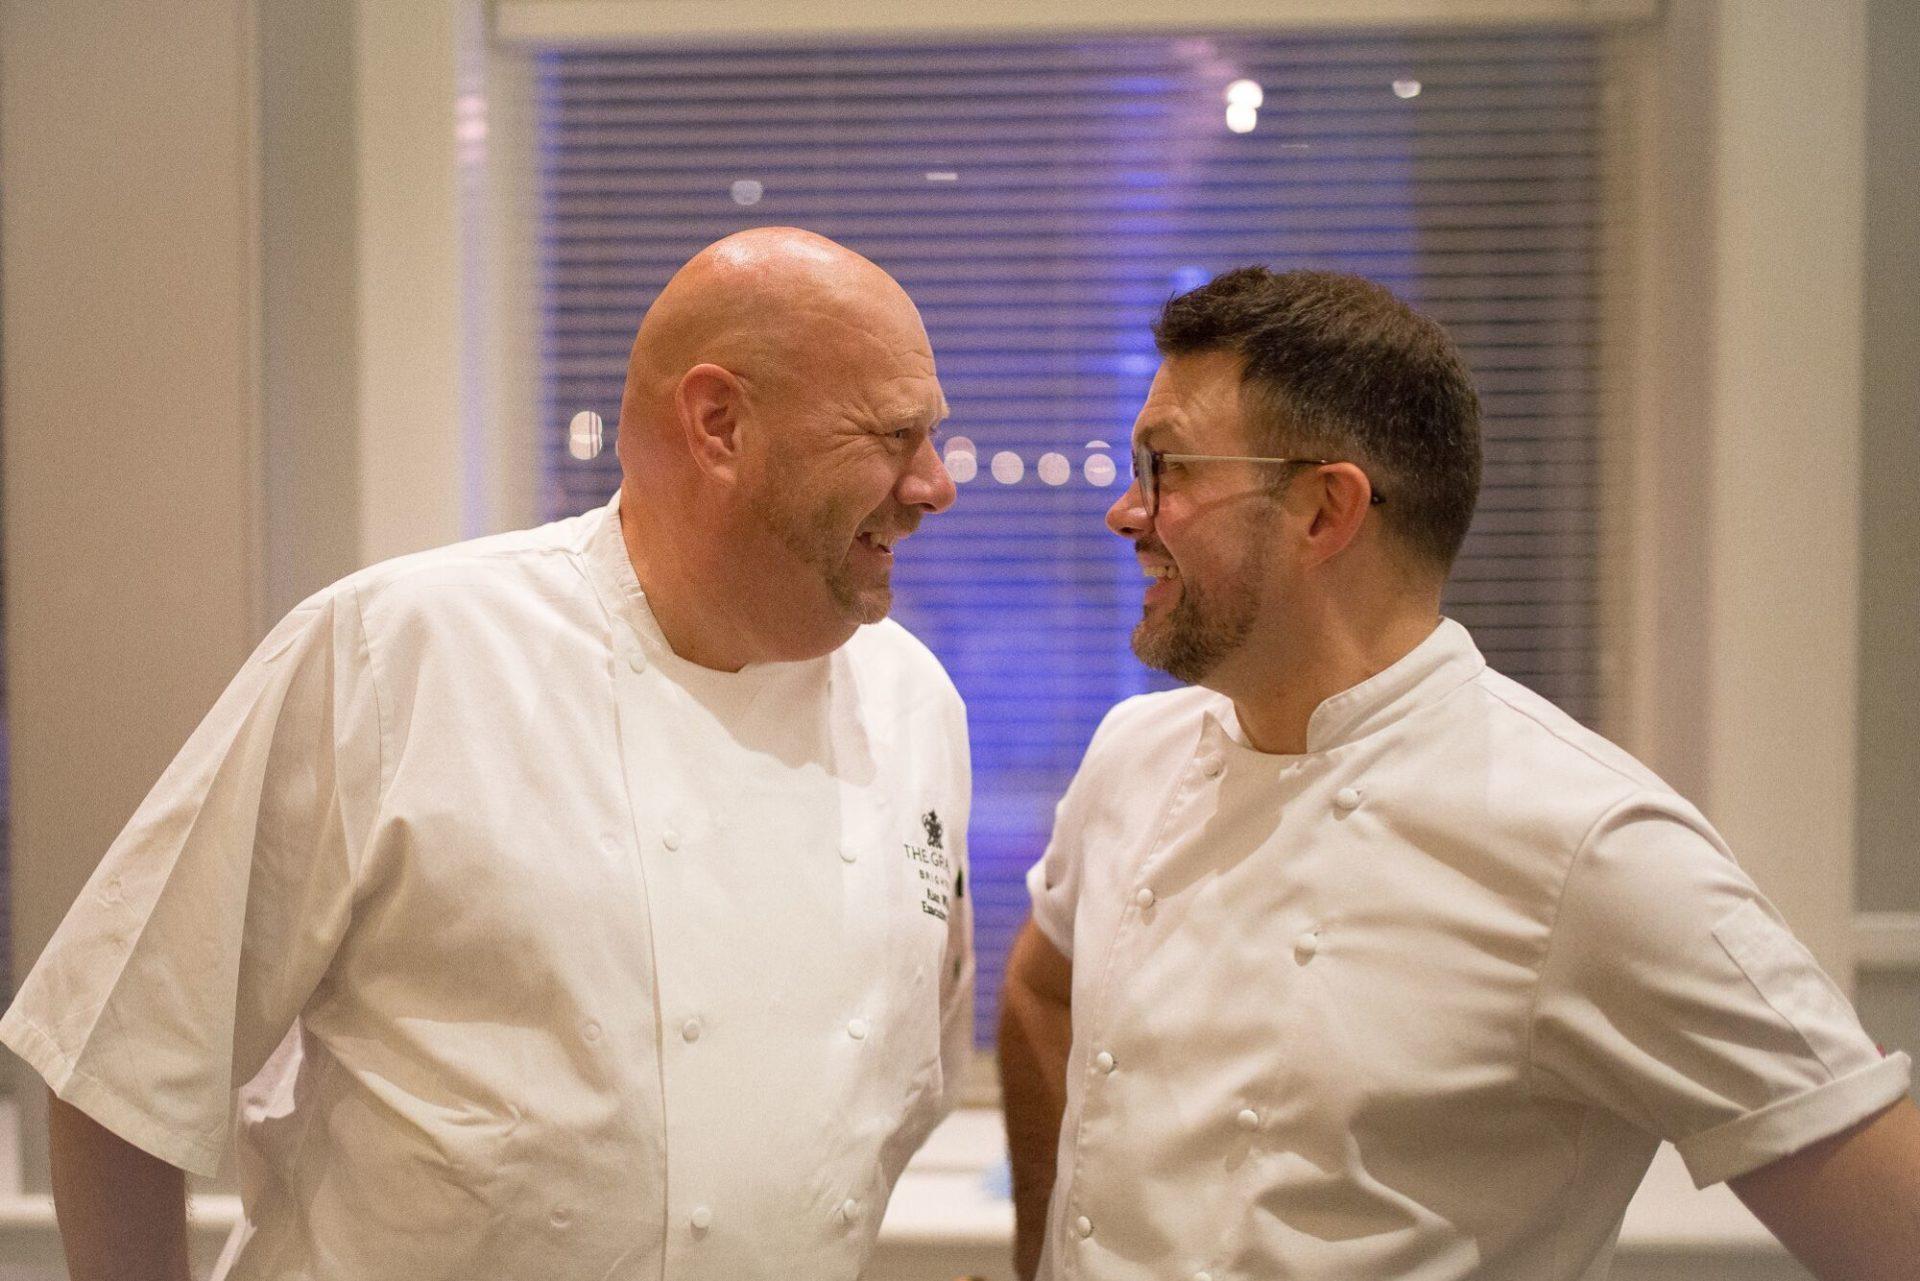 Alan White Chef at The Grand Hotel Brighton